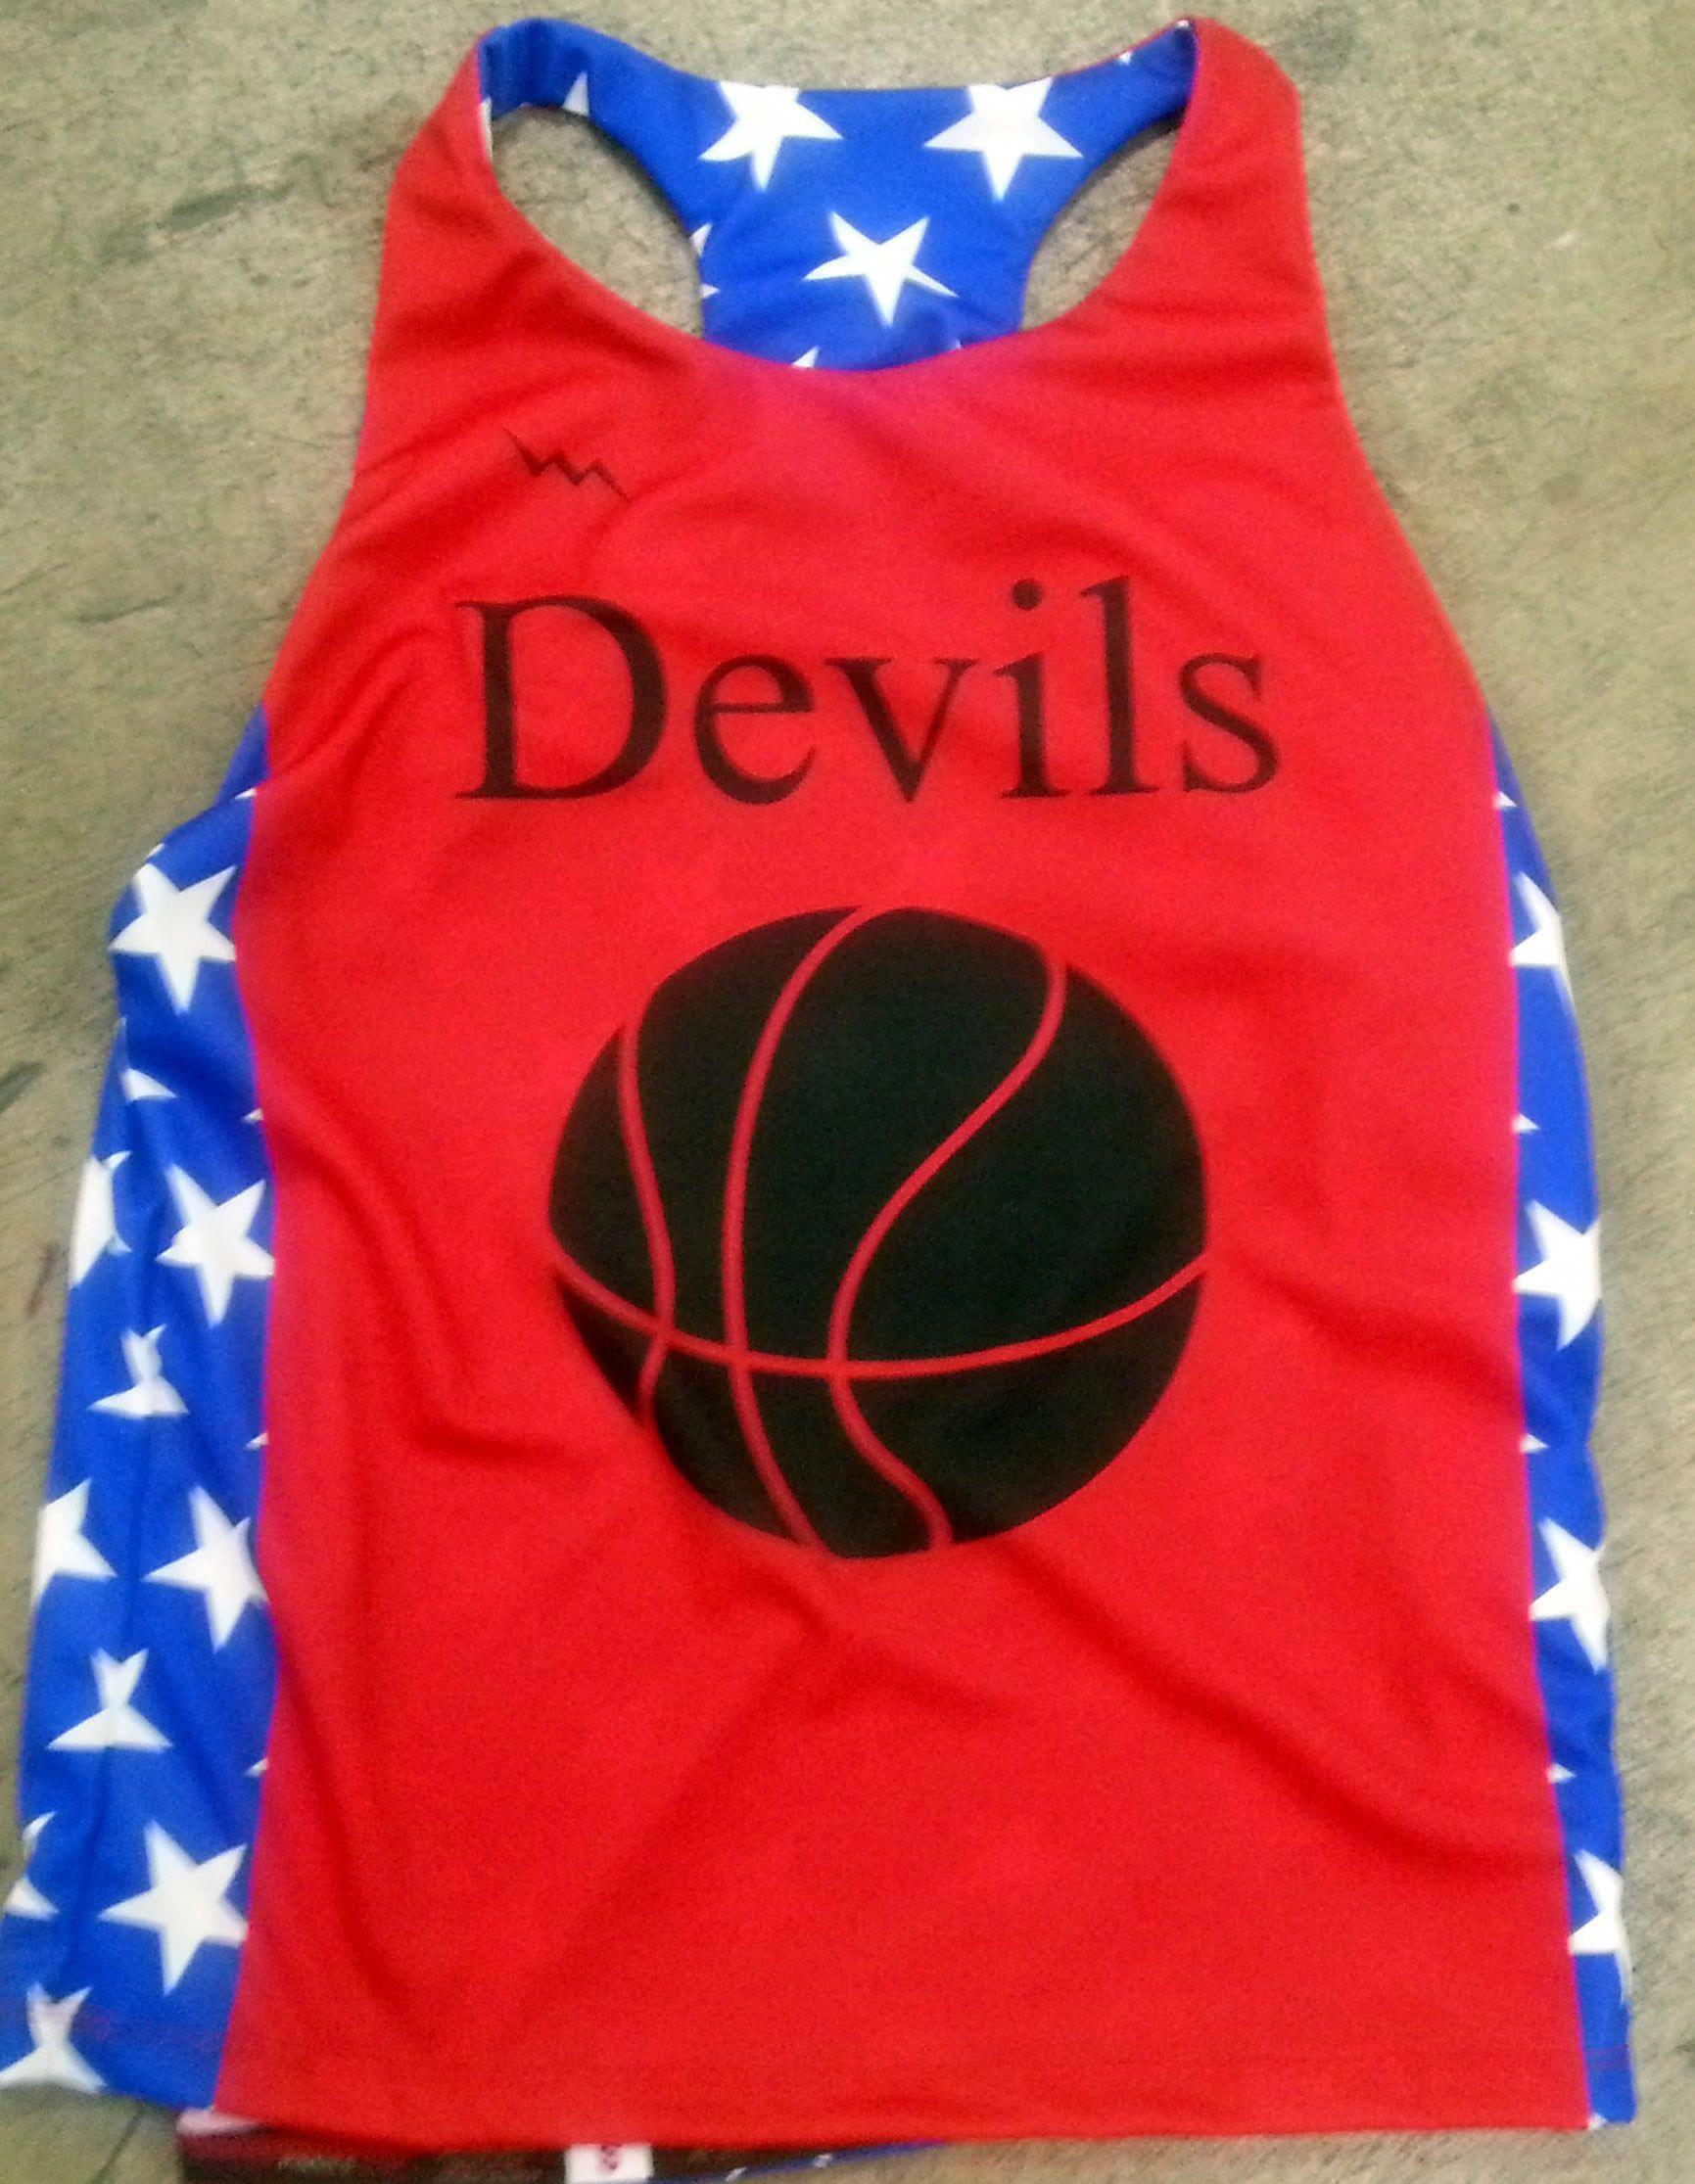 Code 1328371953 wsubasketball basketball jersey